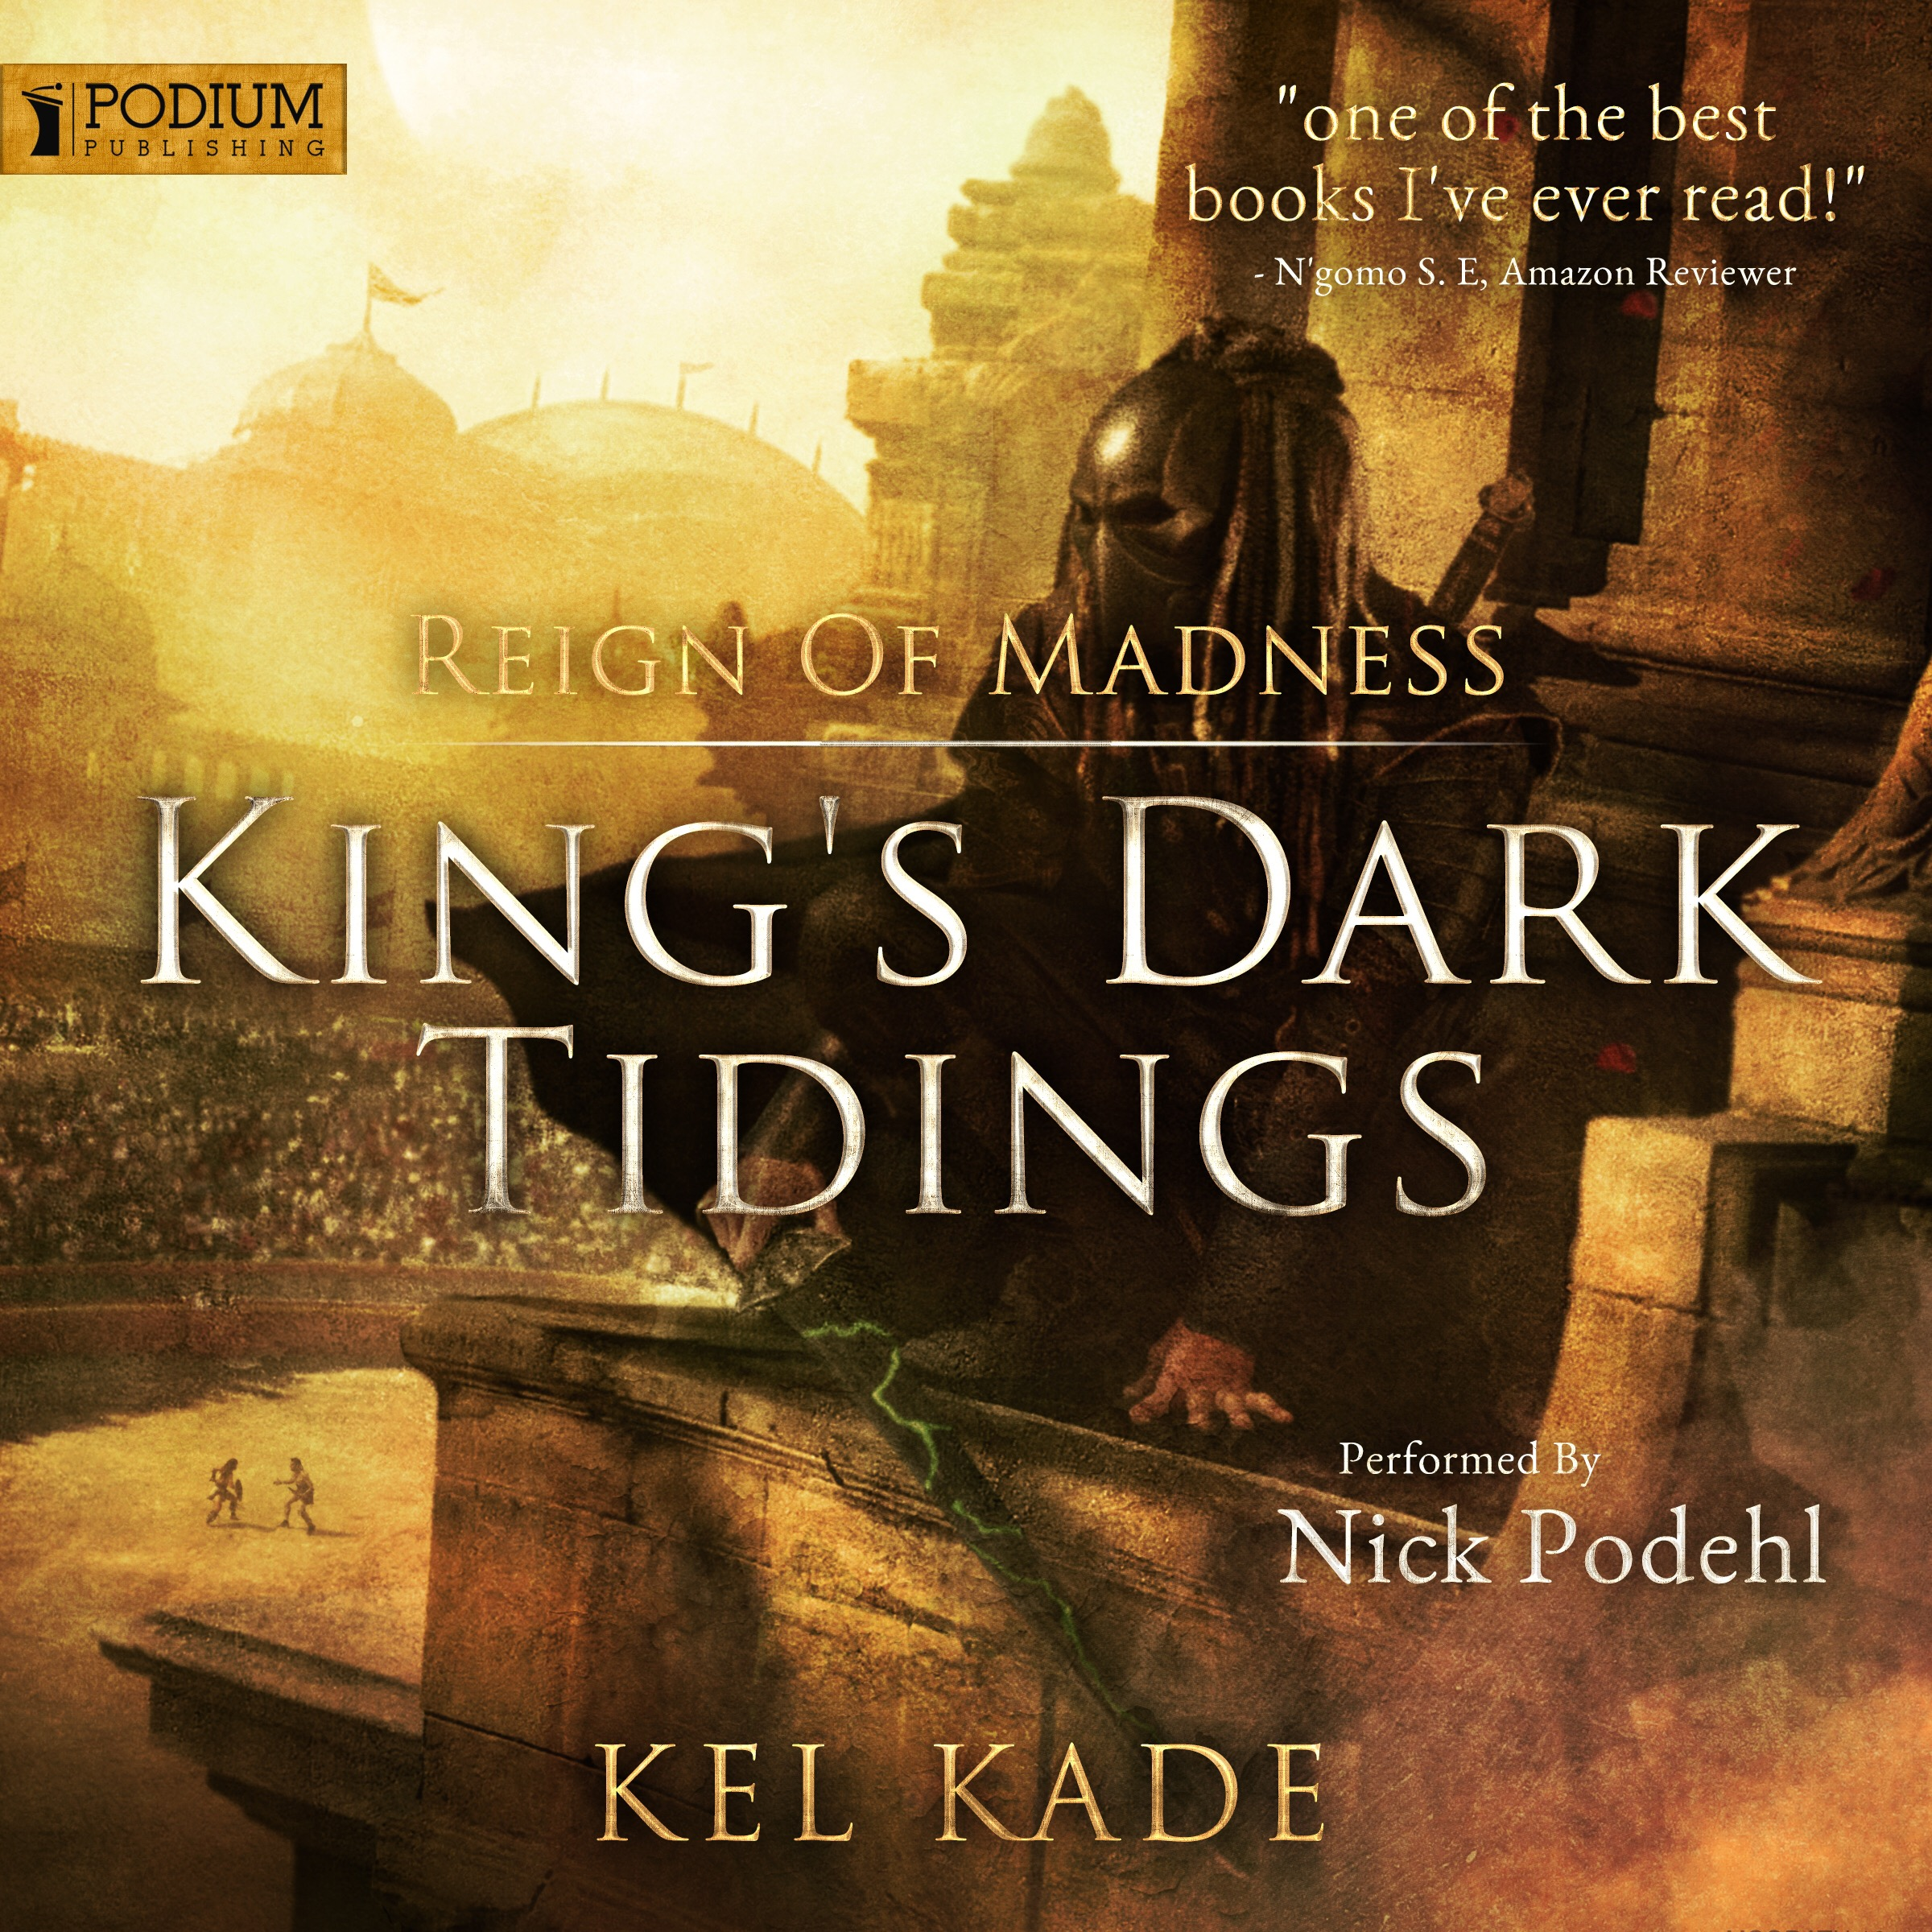 Kel Kade | Feeling the LOVE for KDT